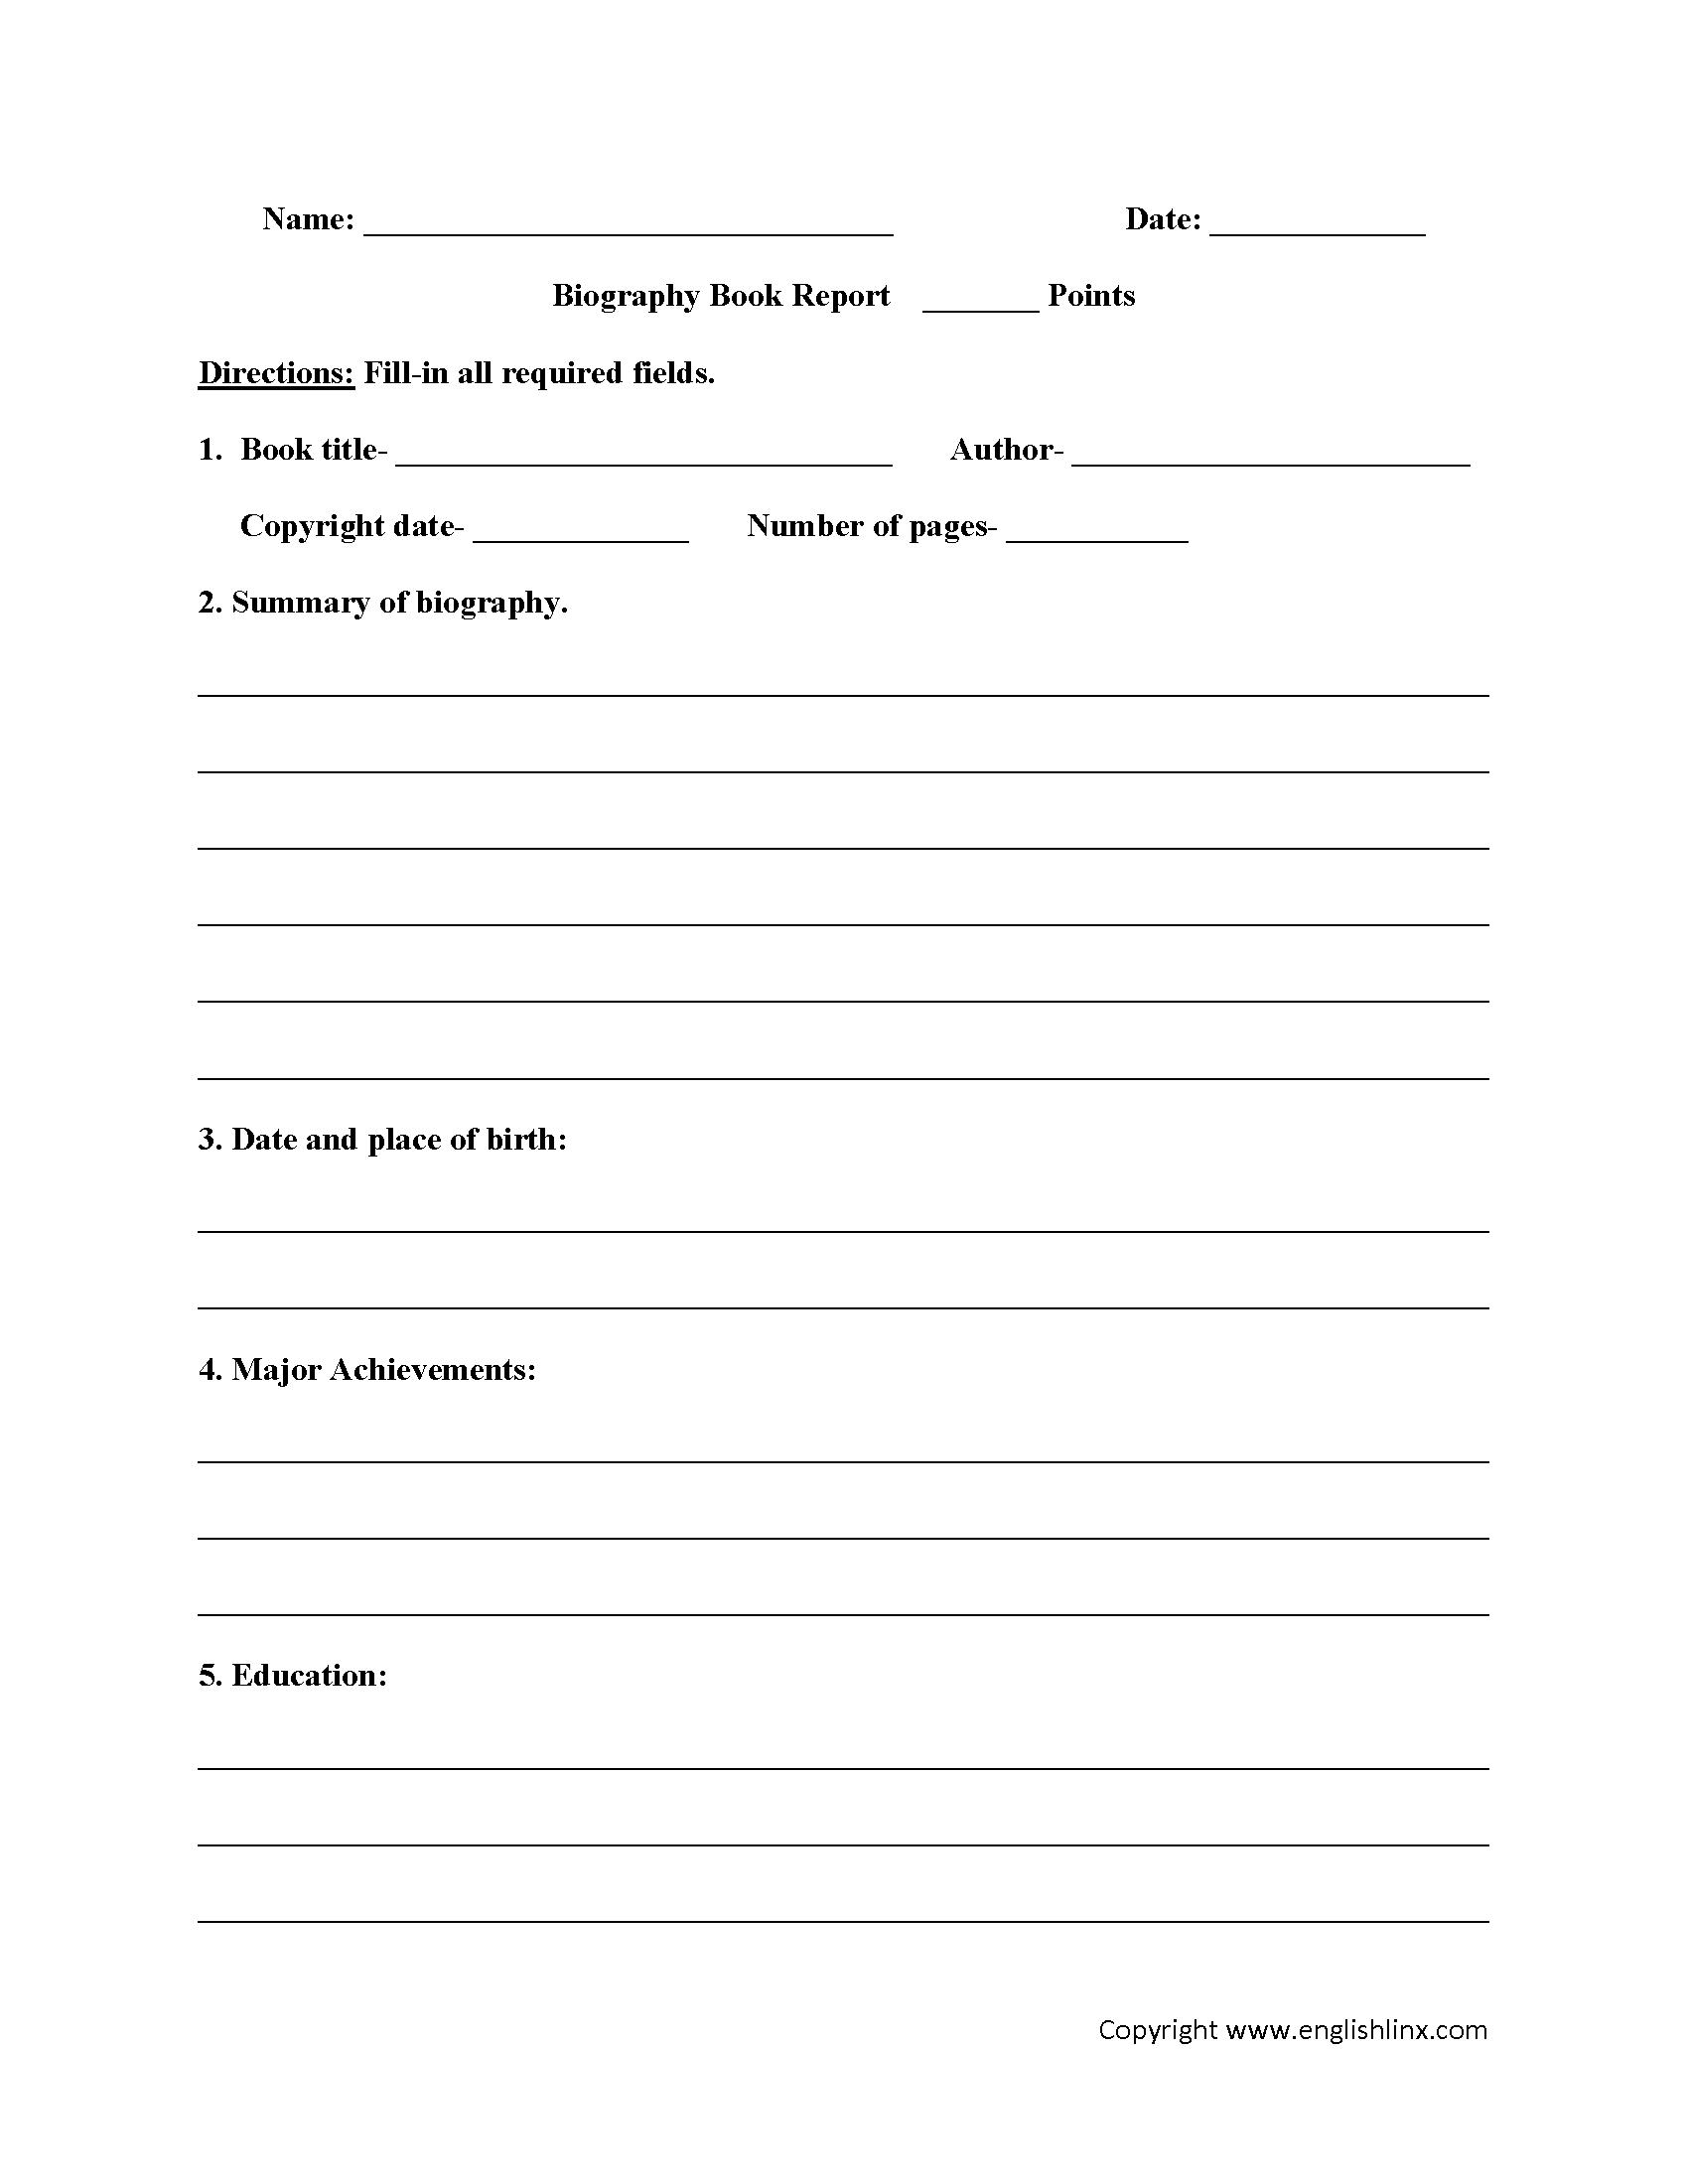 Book Report Worksheets   Biography Book Report Worksheets For Biography Book Report Template